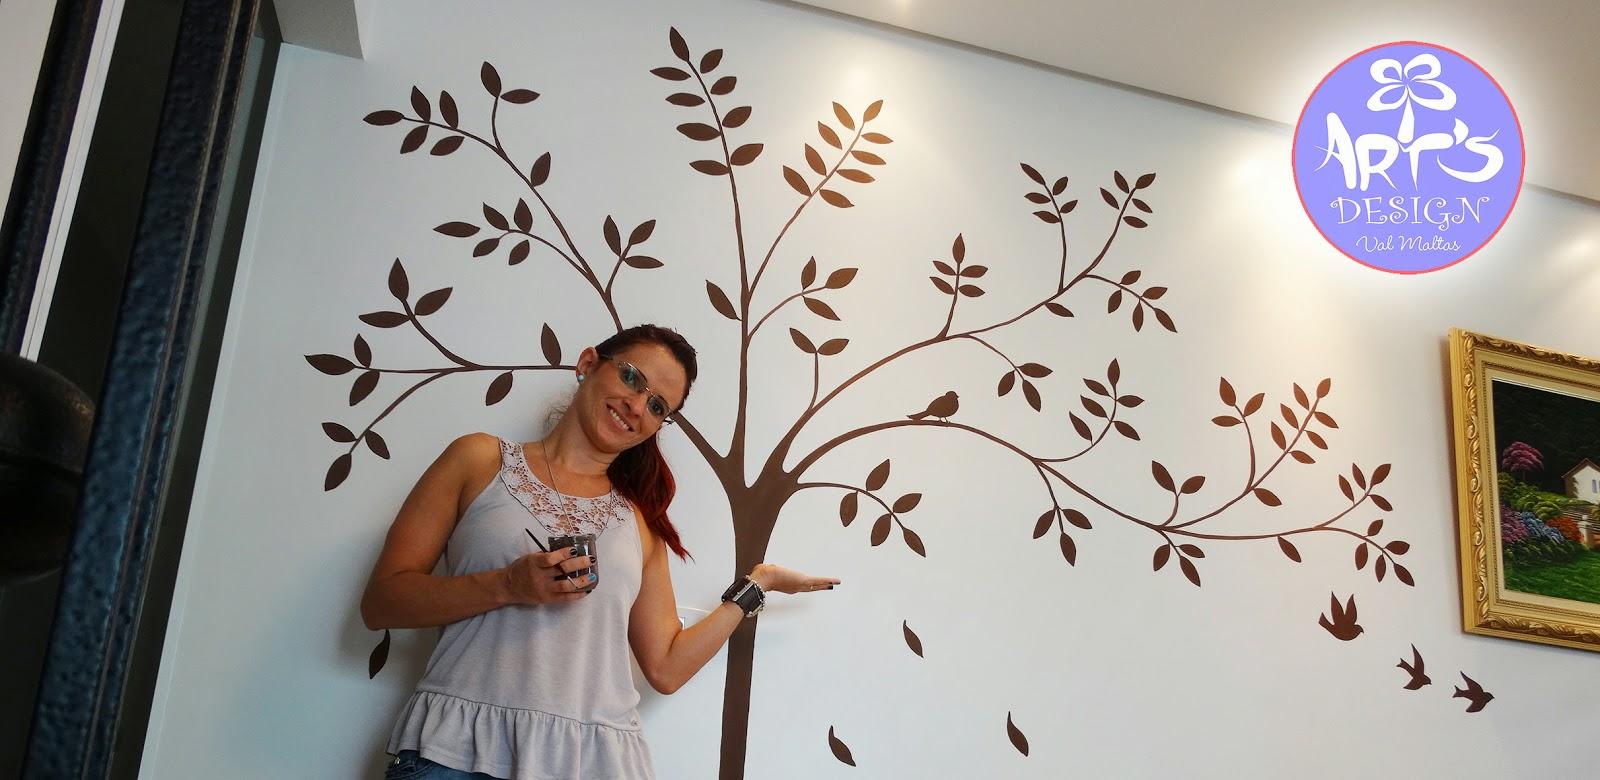 Pintura Artística em Parede Árvore e Pássaros :::